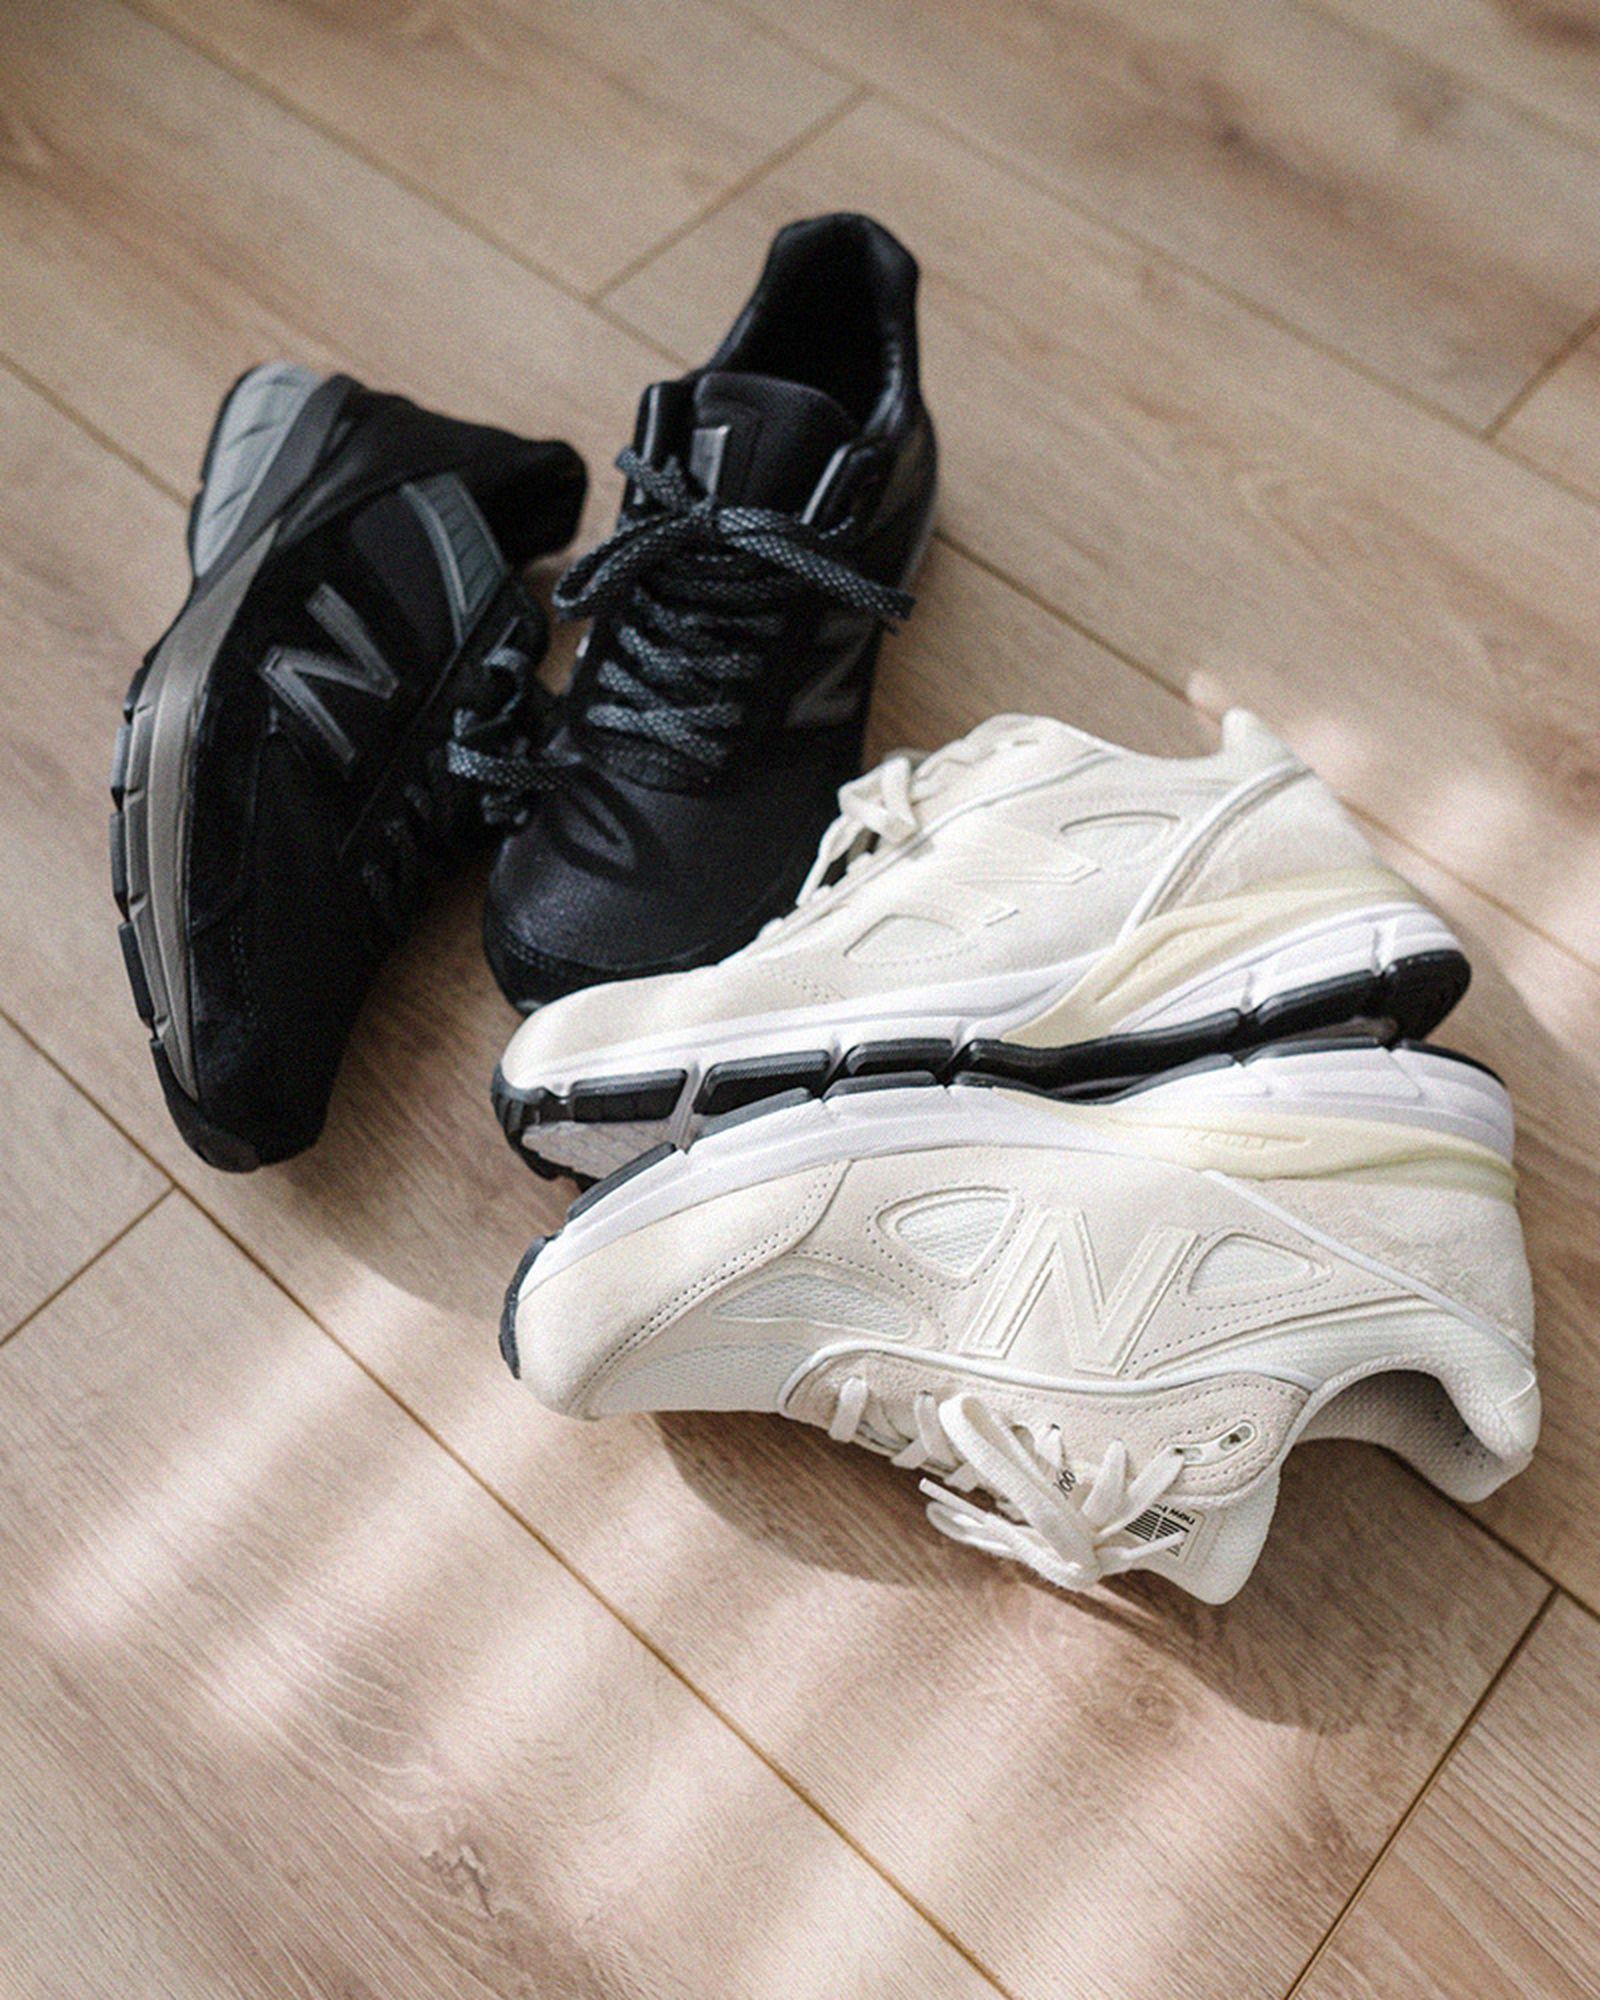 solesavy-sneaker-group-interview-010